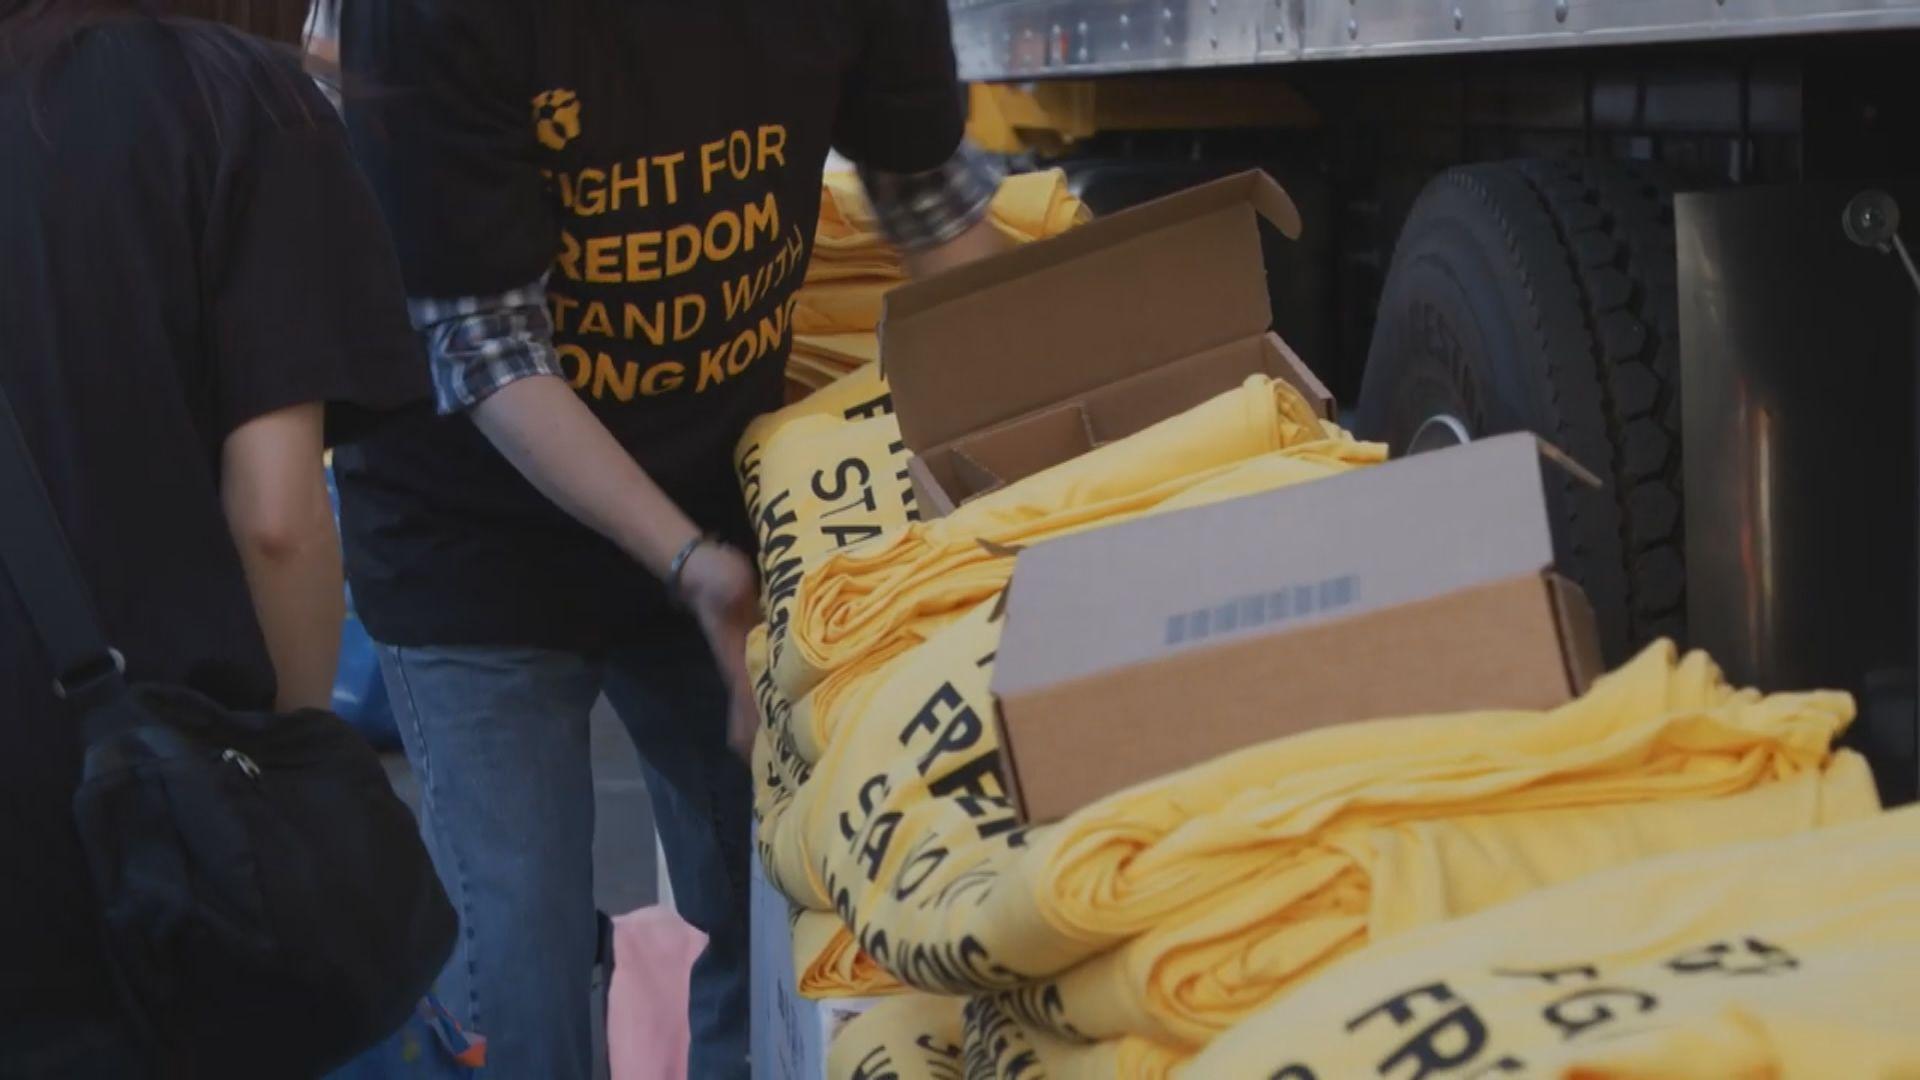 湖人主場外有人派發支持香港T恤